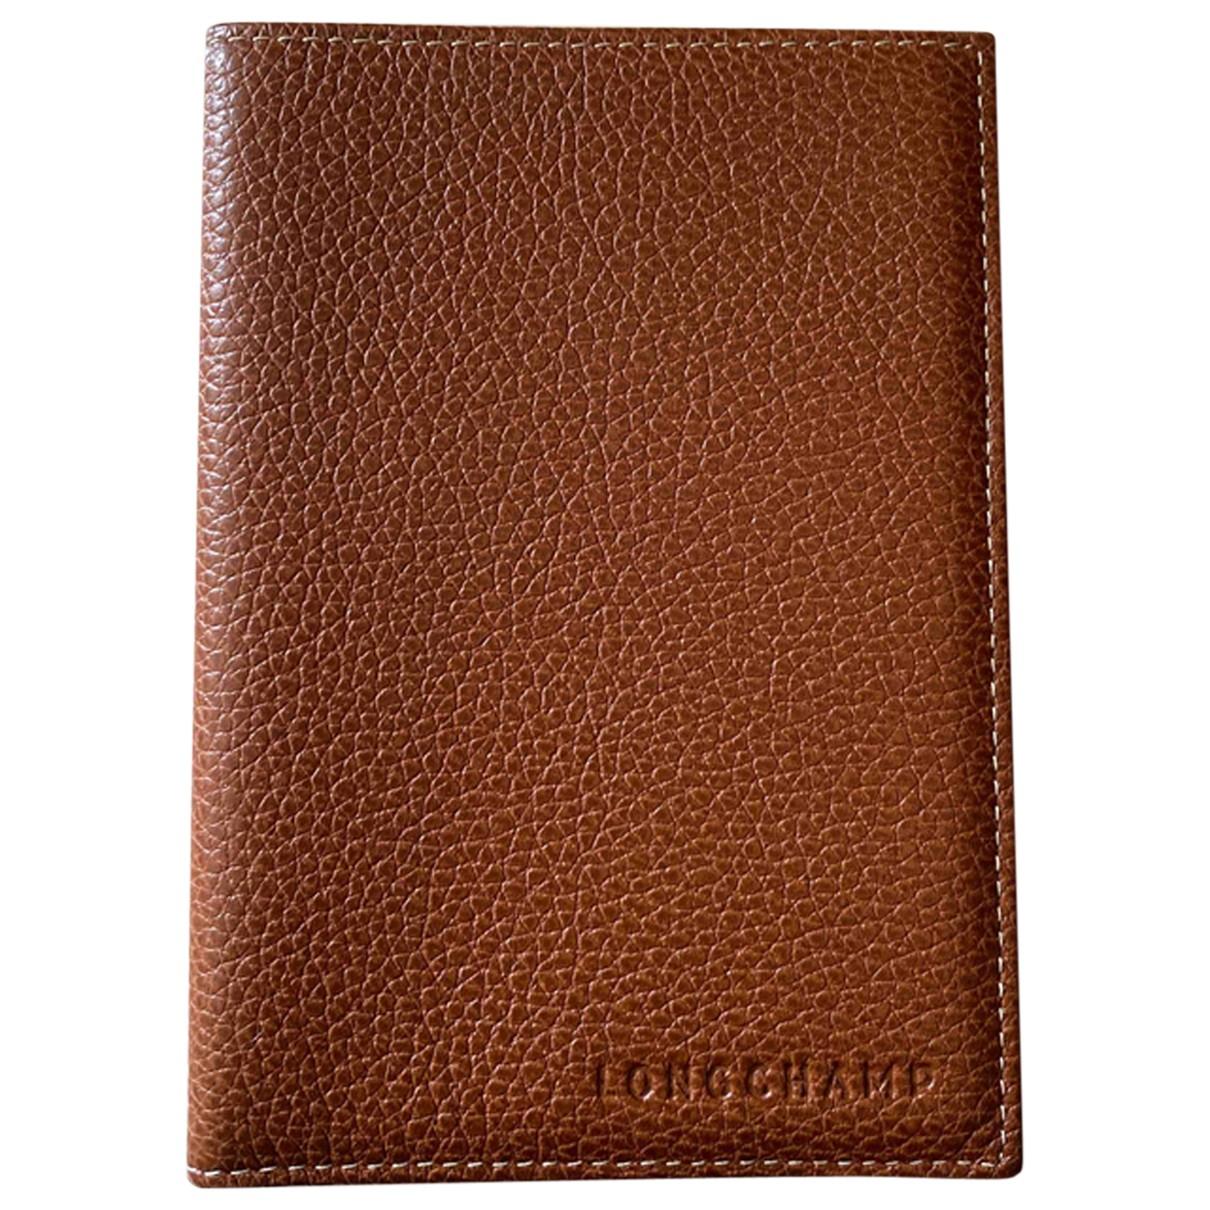 Longchamp \N Kleinlederwaren in  Kamel Leder